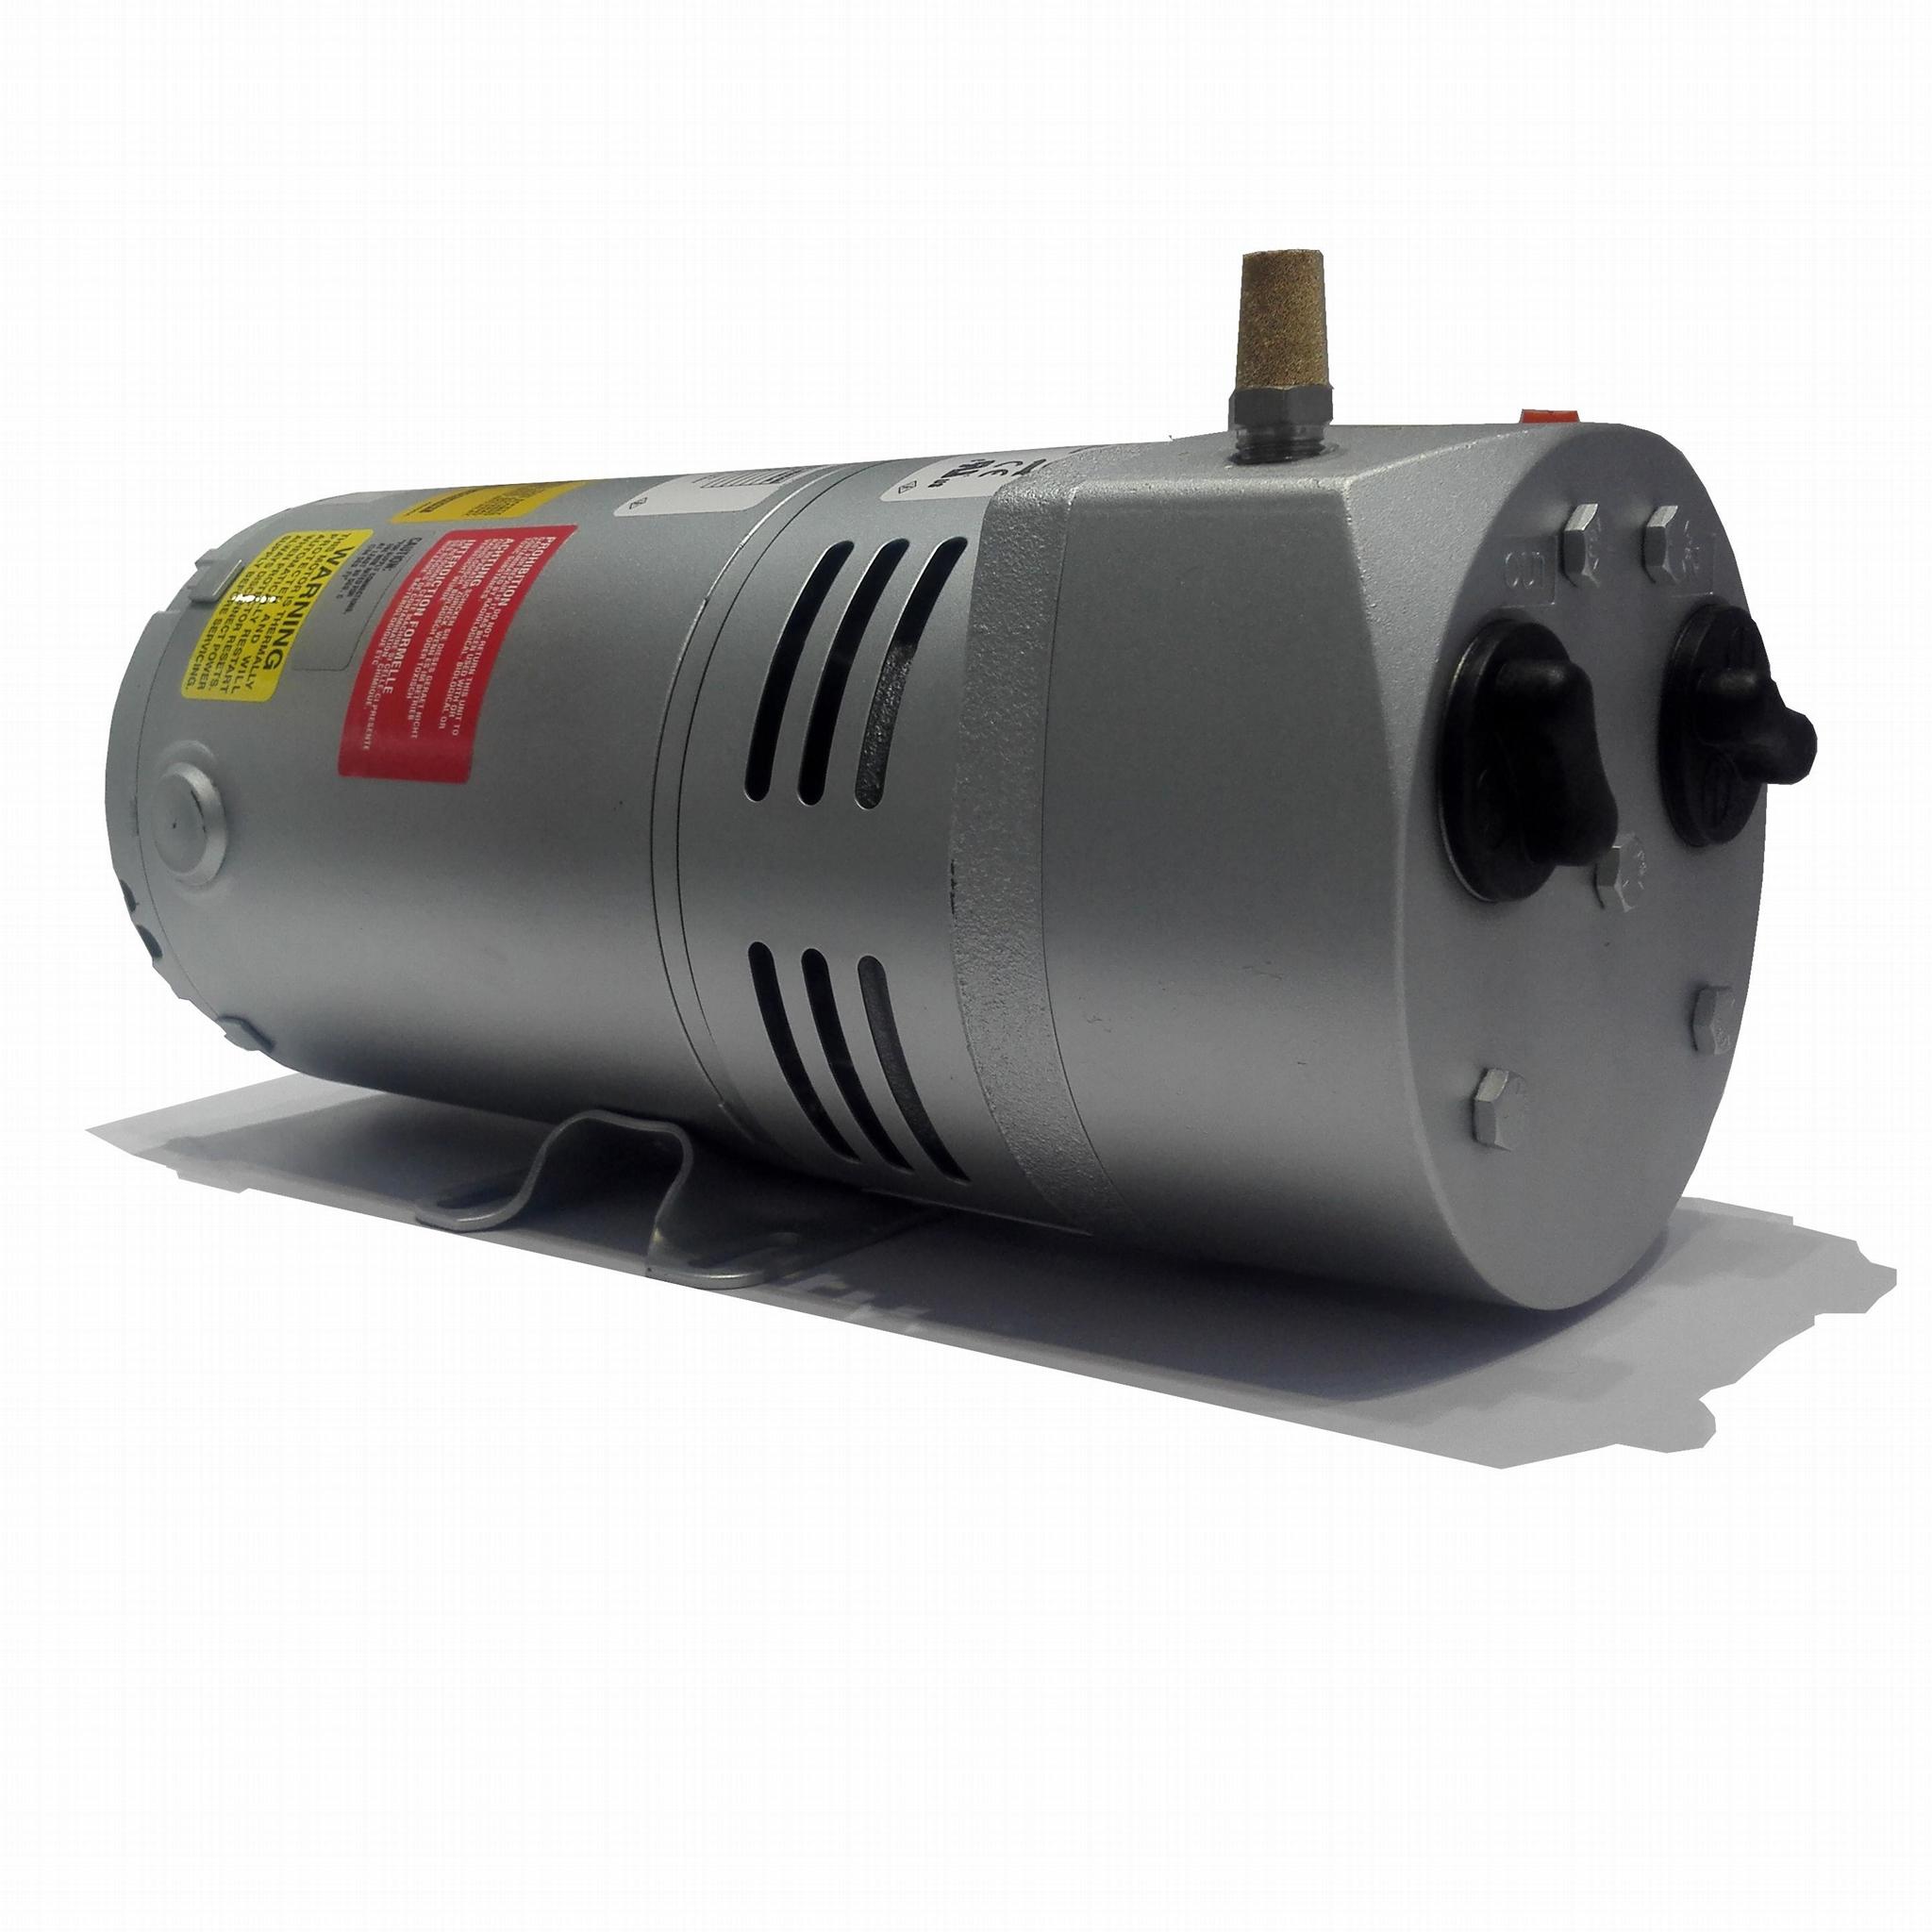 美国Gast(嘉仕达)旋片式真空泵 1